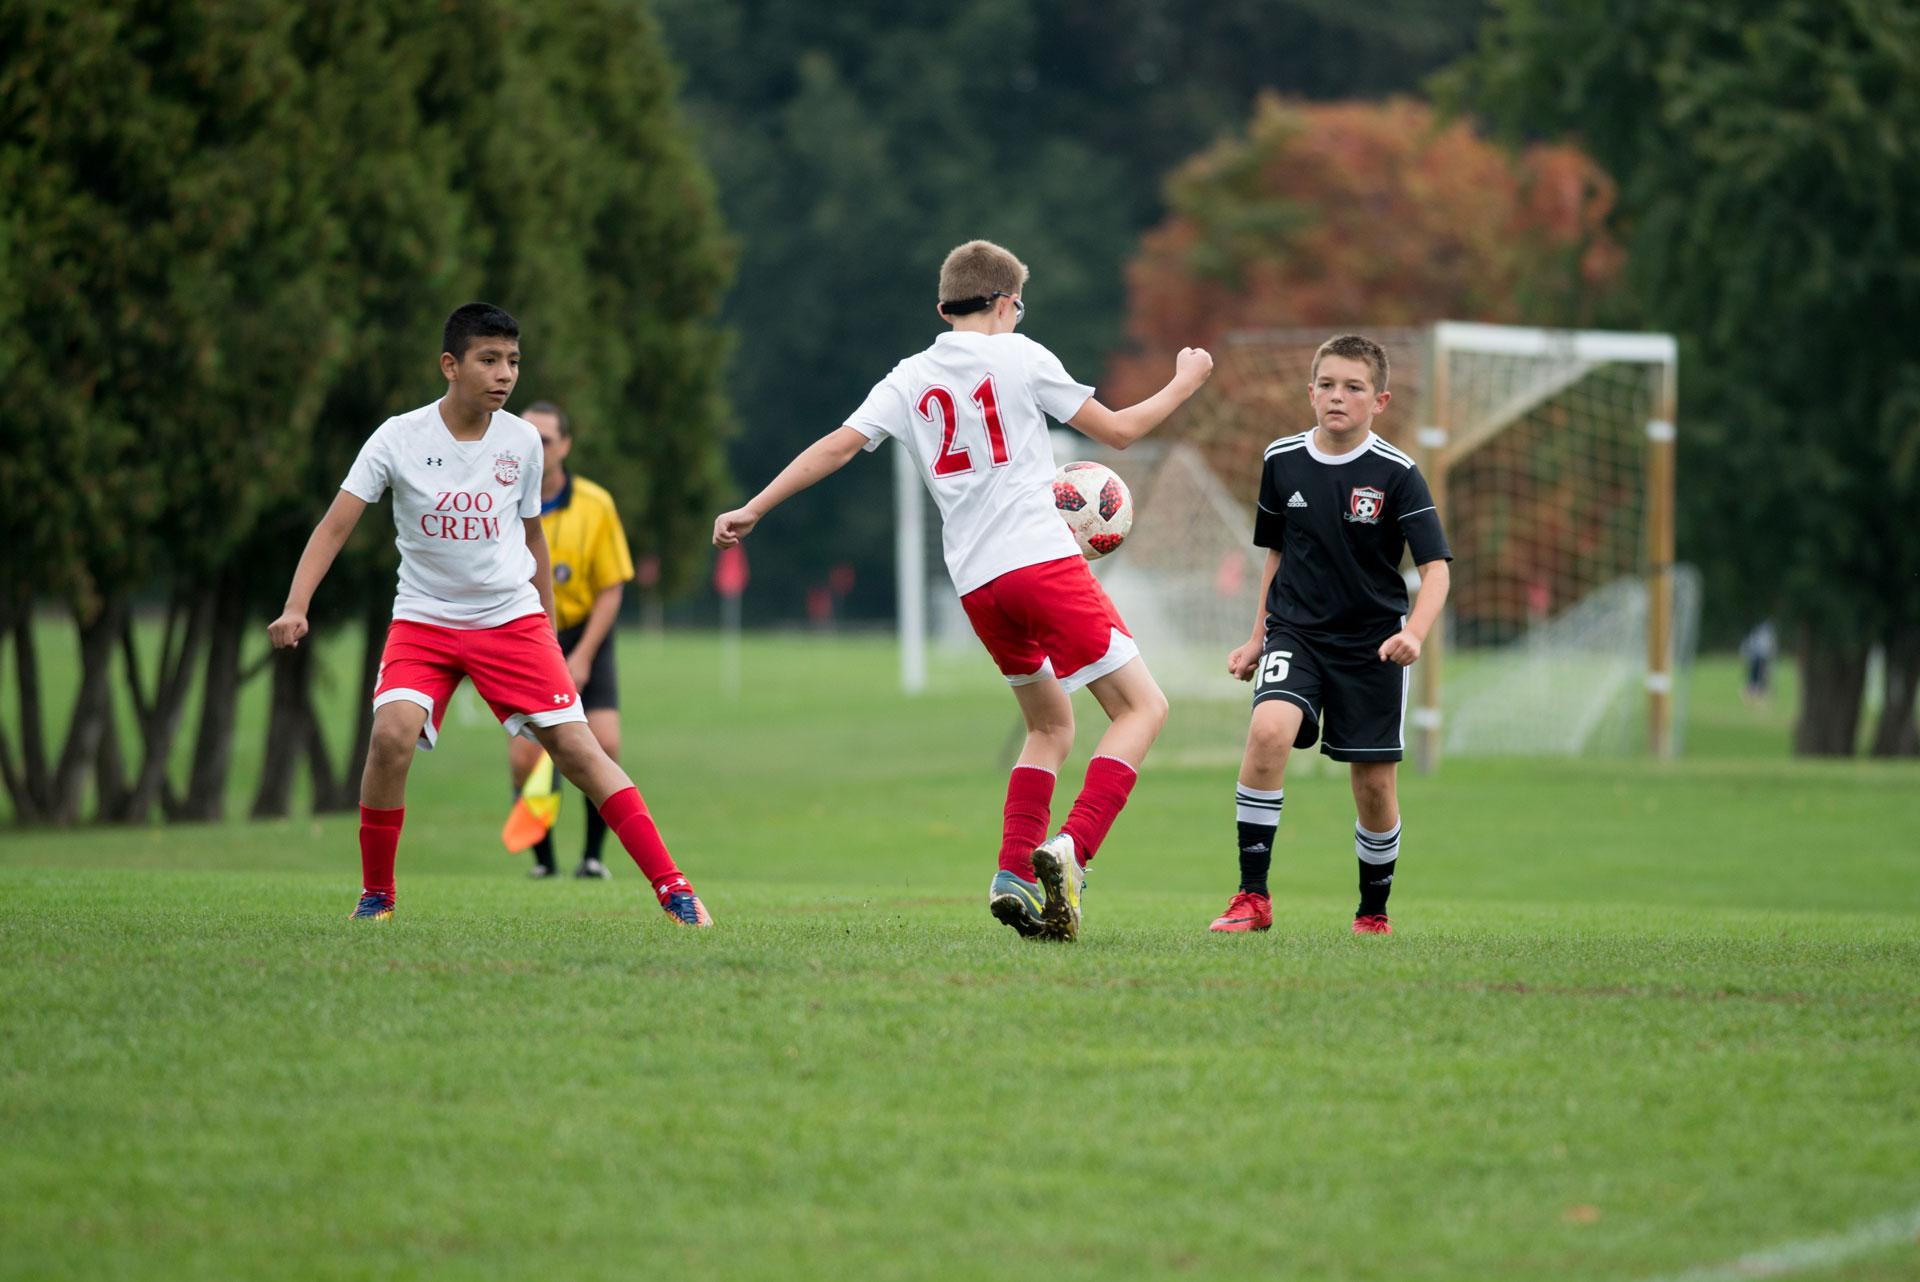 Select_soccer-4.jpg